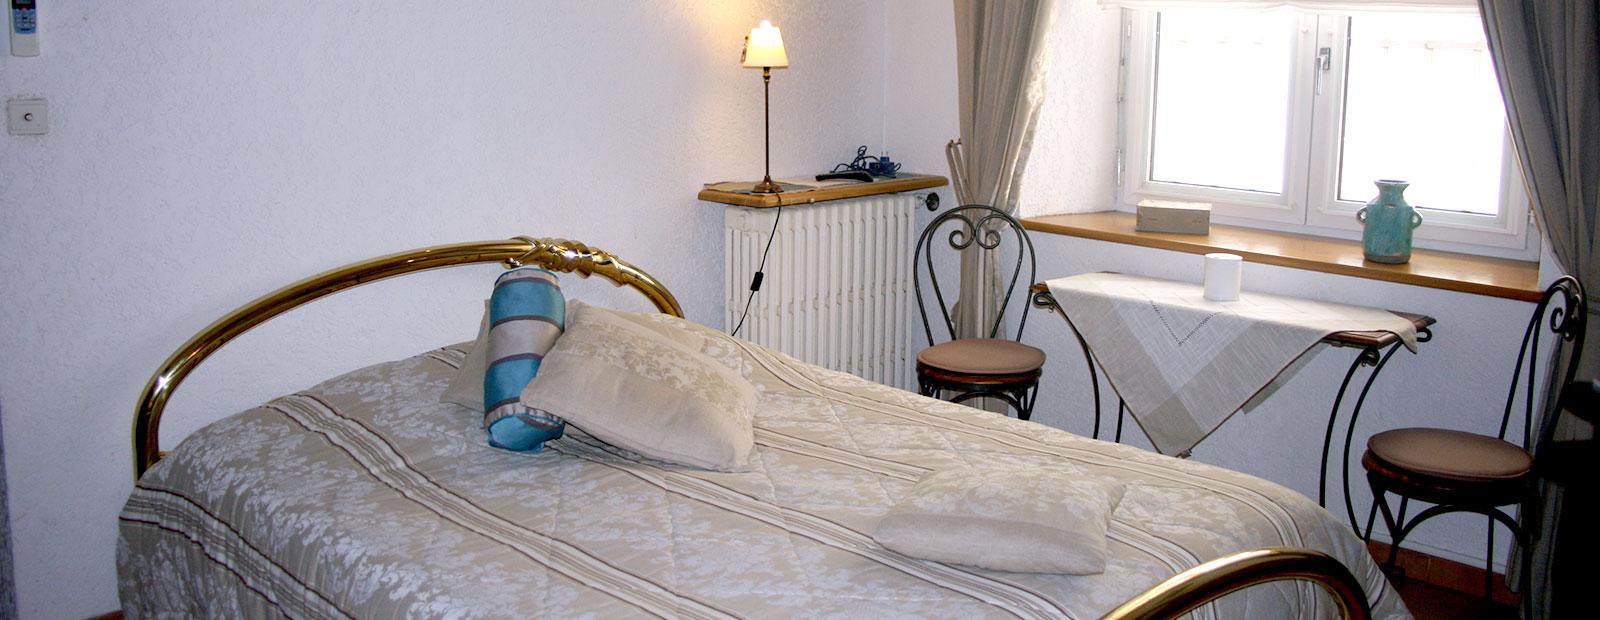 accueil maison reboulh chambre d 39 h tes carcassonne promotions du 1er septembre au 31 mai. Black Bedroom Furniture Sets. Home Design Ideas